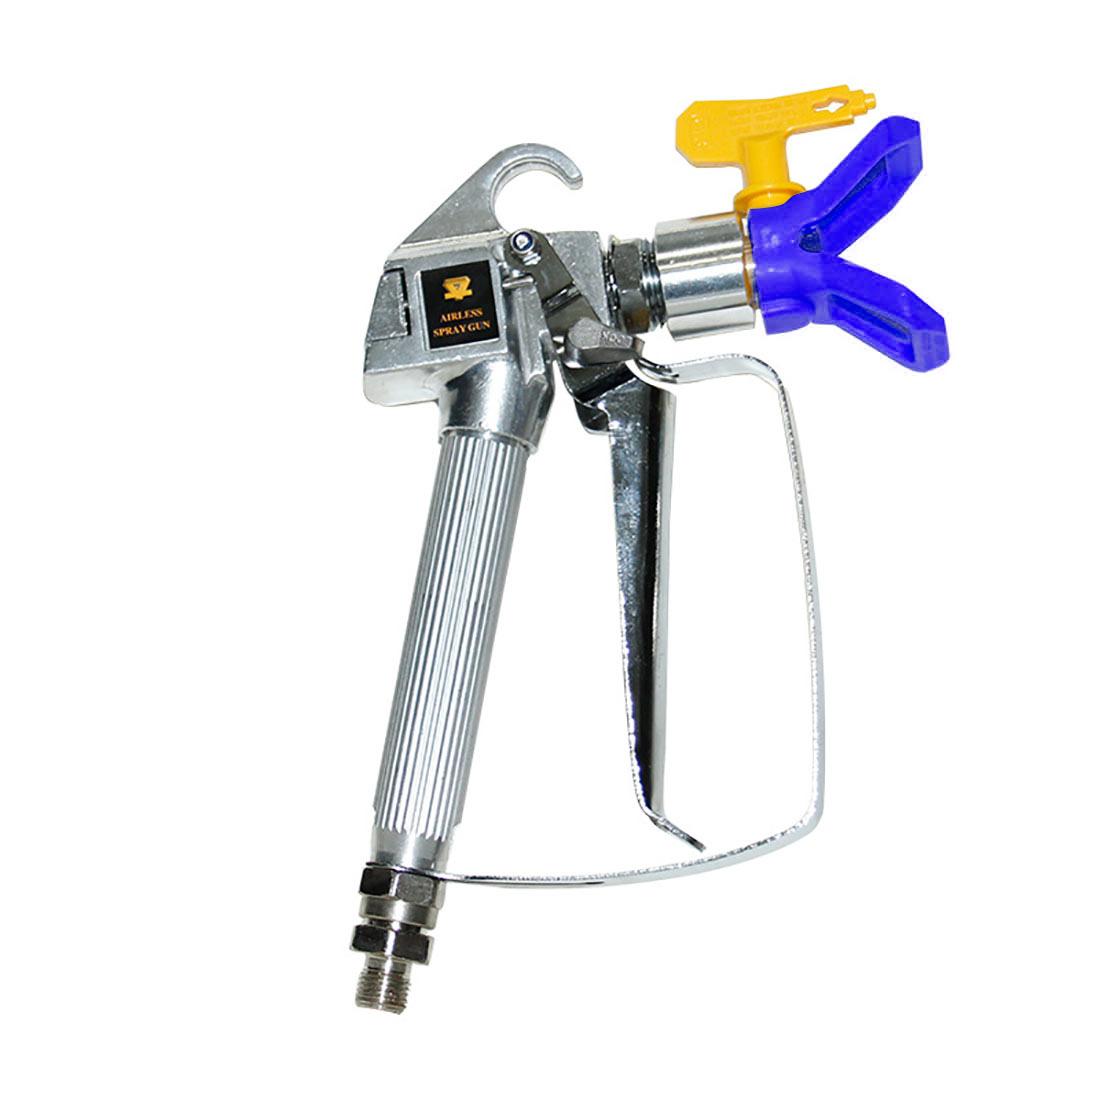 High Pressure Airless Sprayer Spray Gun & Nozzle Holder & Nozzle Set, Paint  Sprayer Sprayer Accessories (Blue)